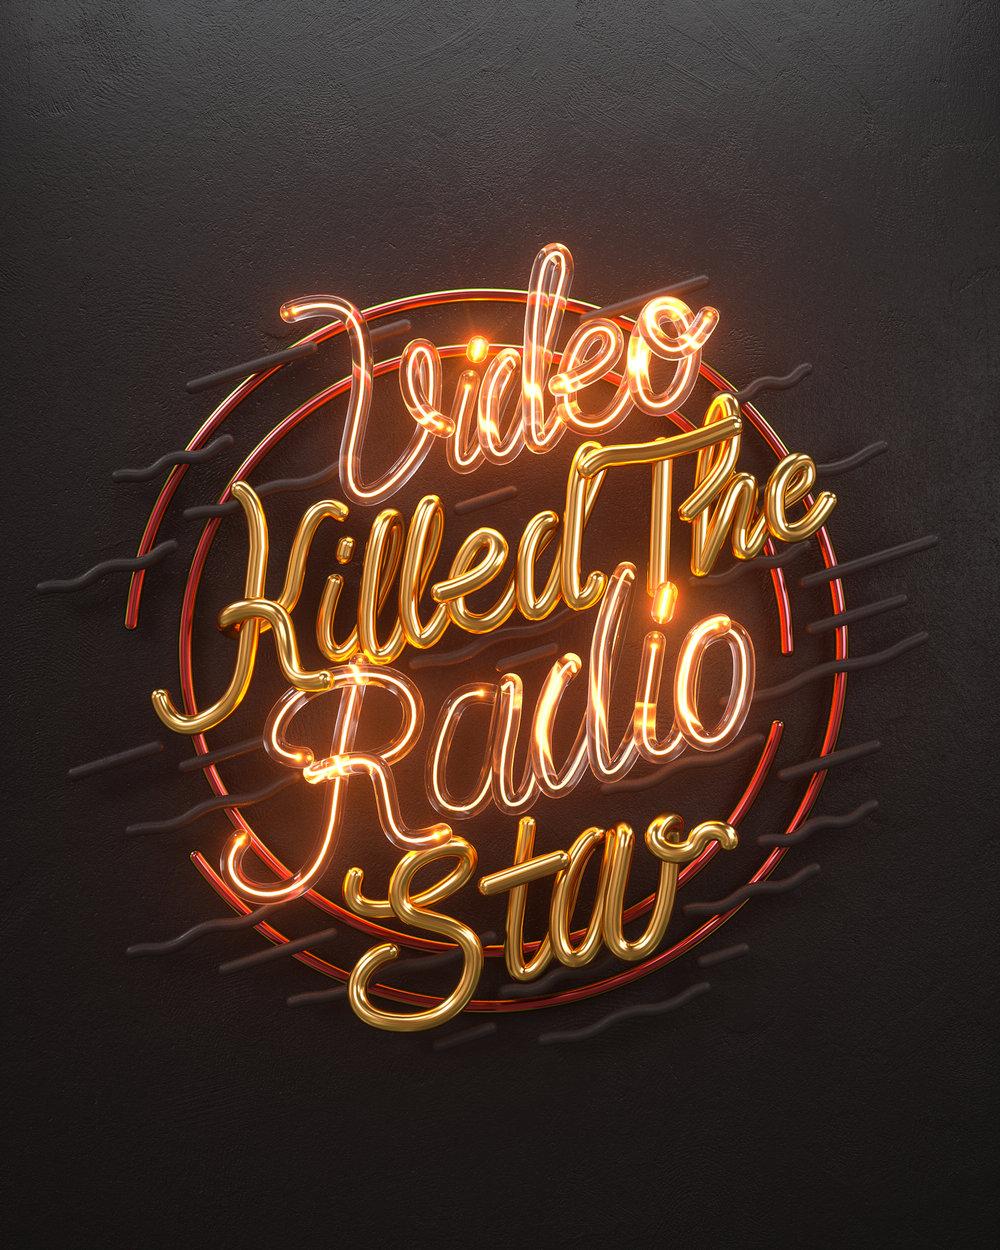 VideoKilledTheRadioStar_Type.jpg